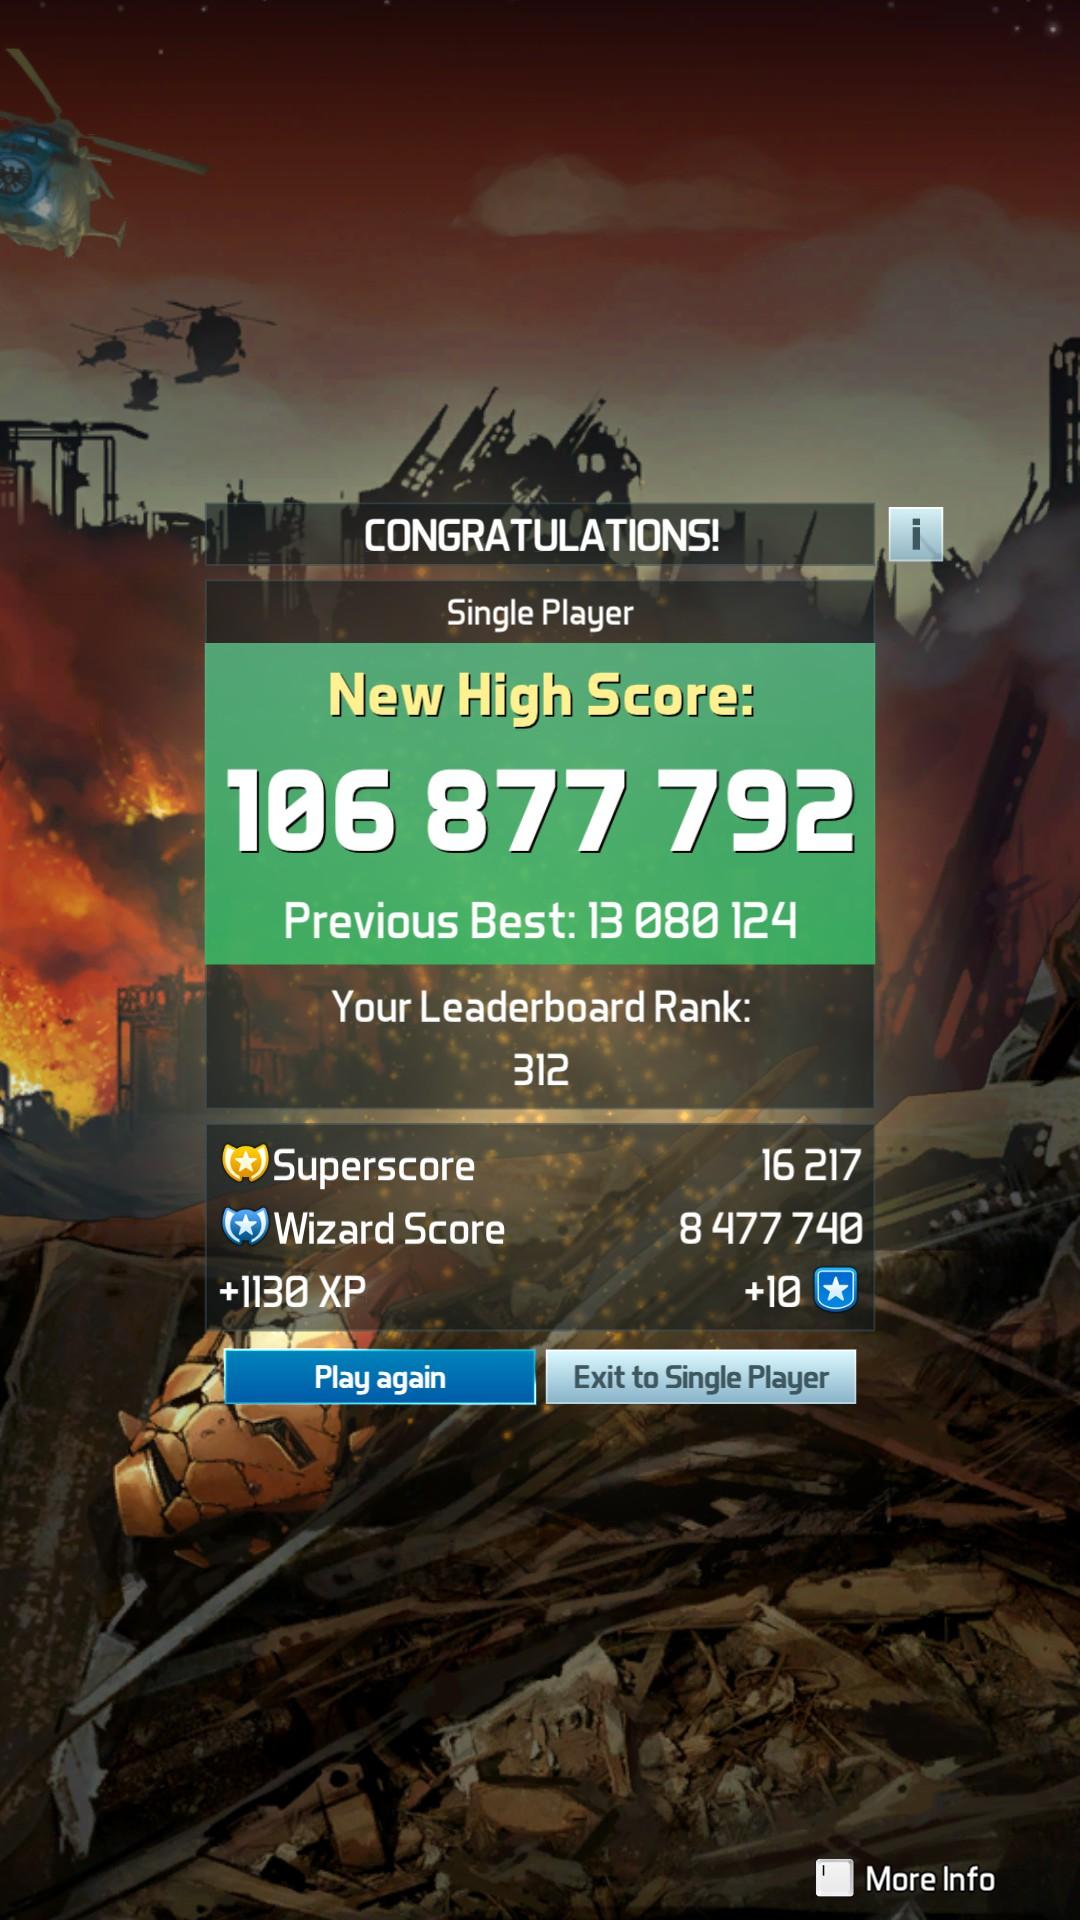 GTibel: Pinball FX3: Civil War (PC) 106,877,792 points on 2019-05-11 02:39:08